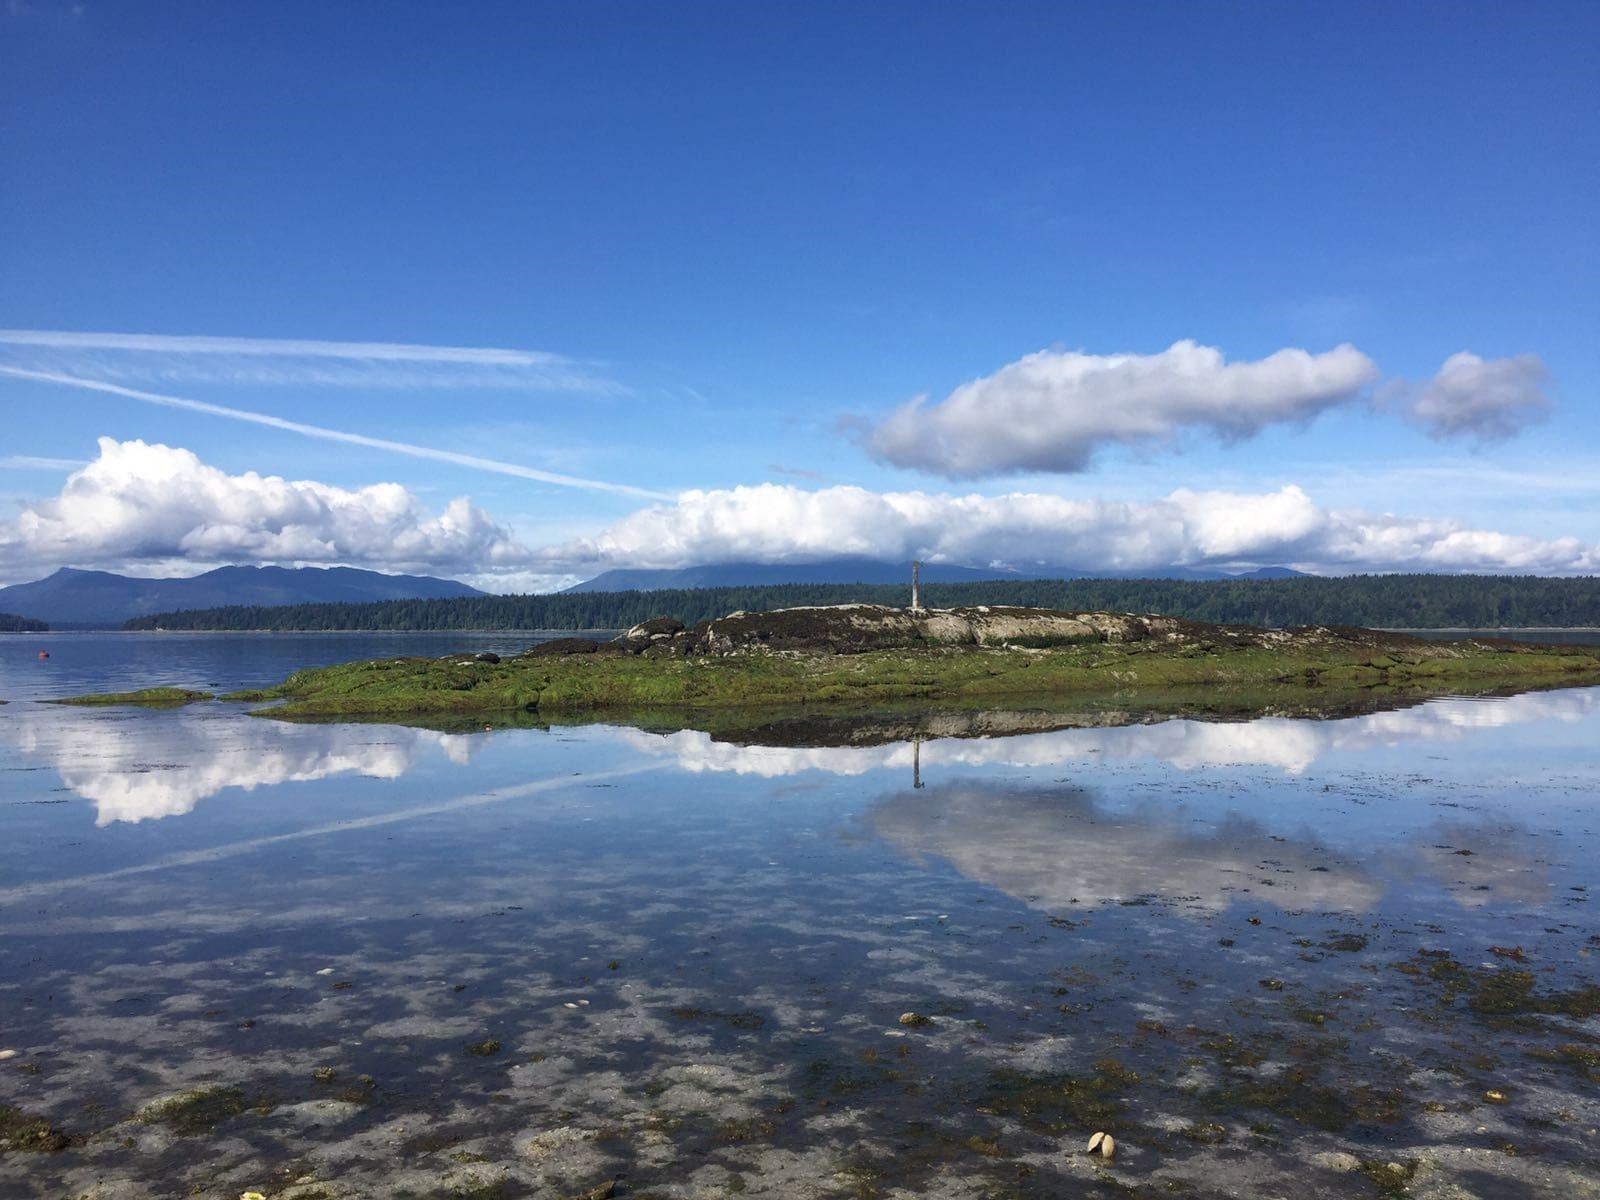 Blue sky reflecting on lake